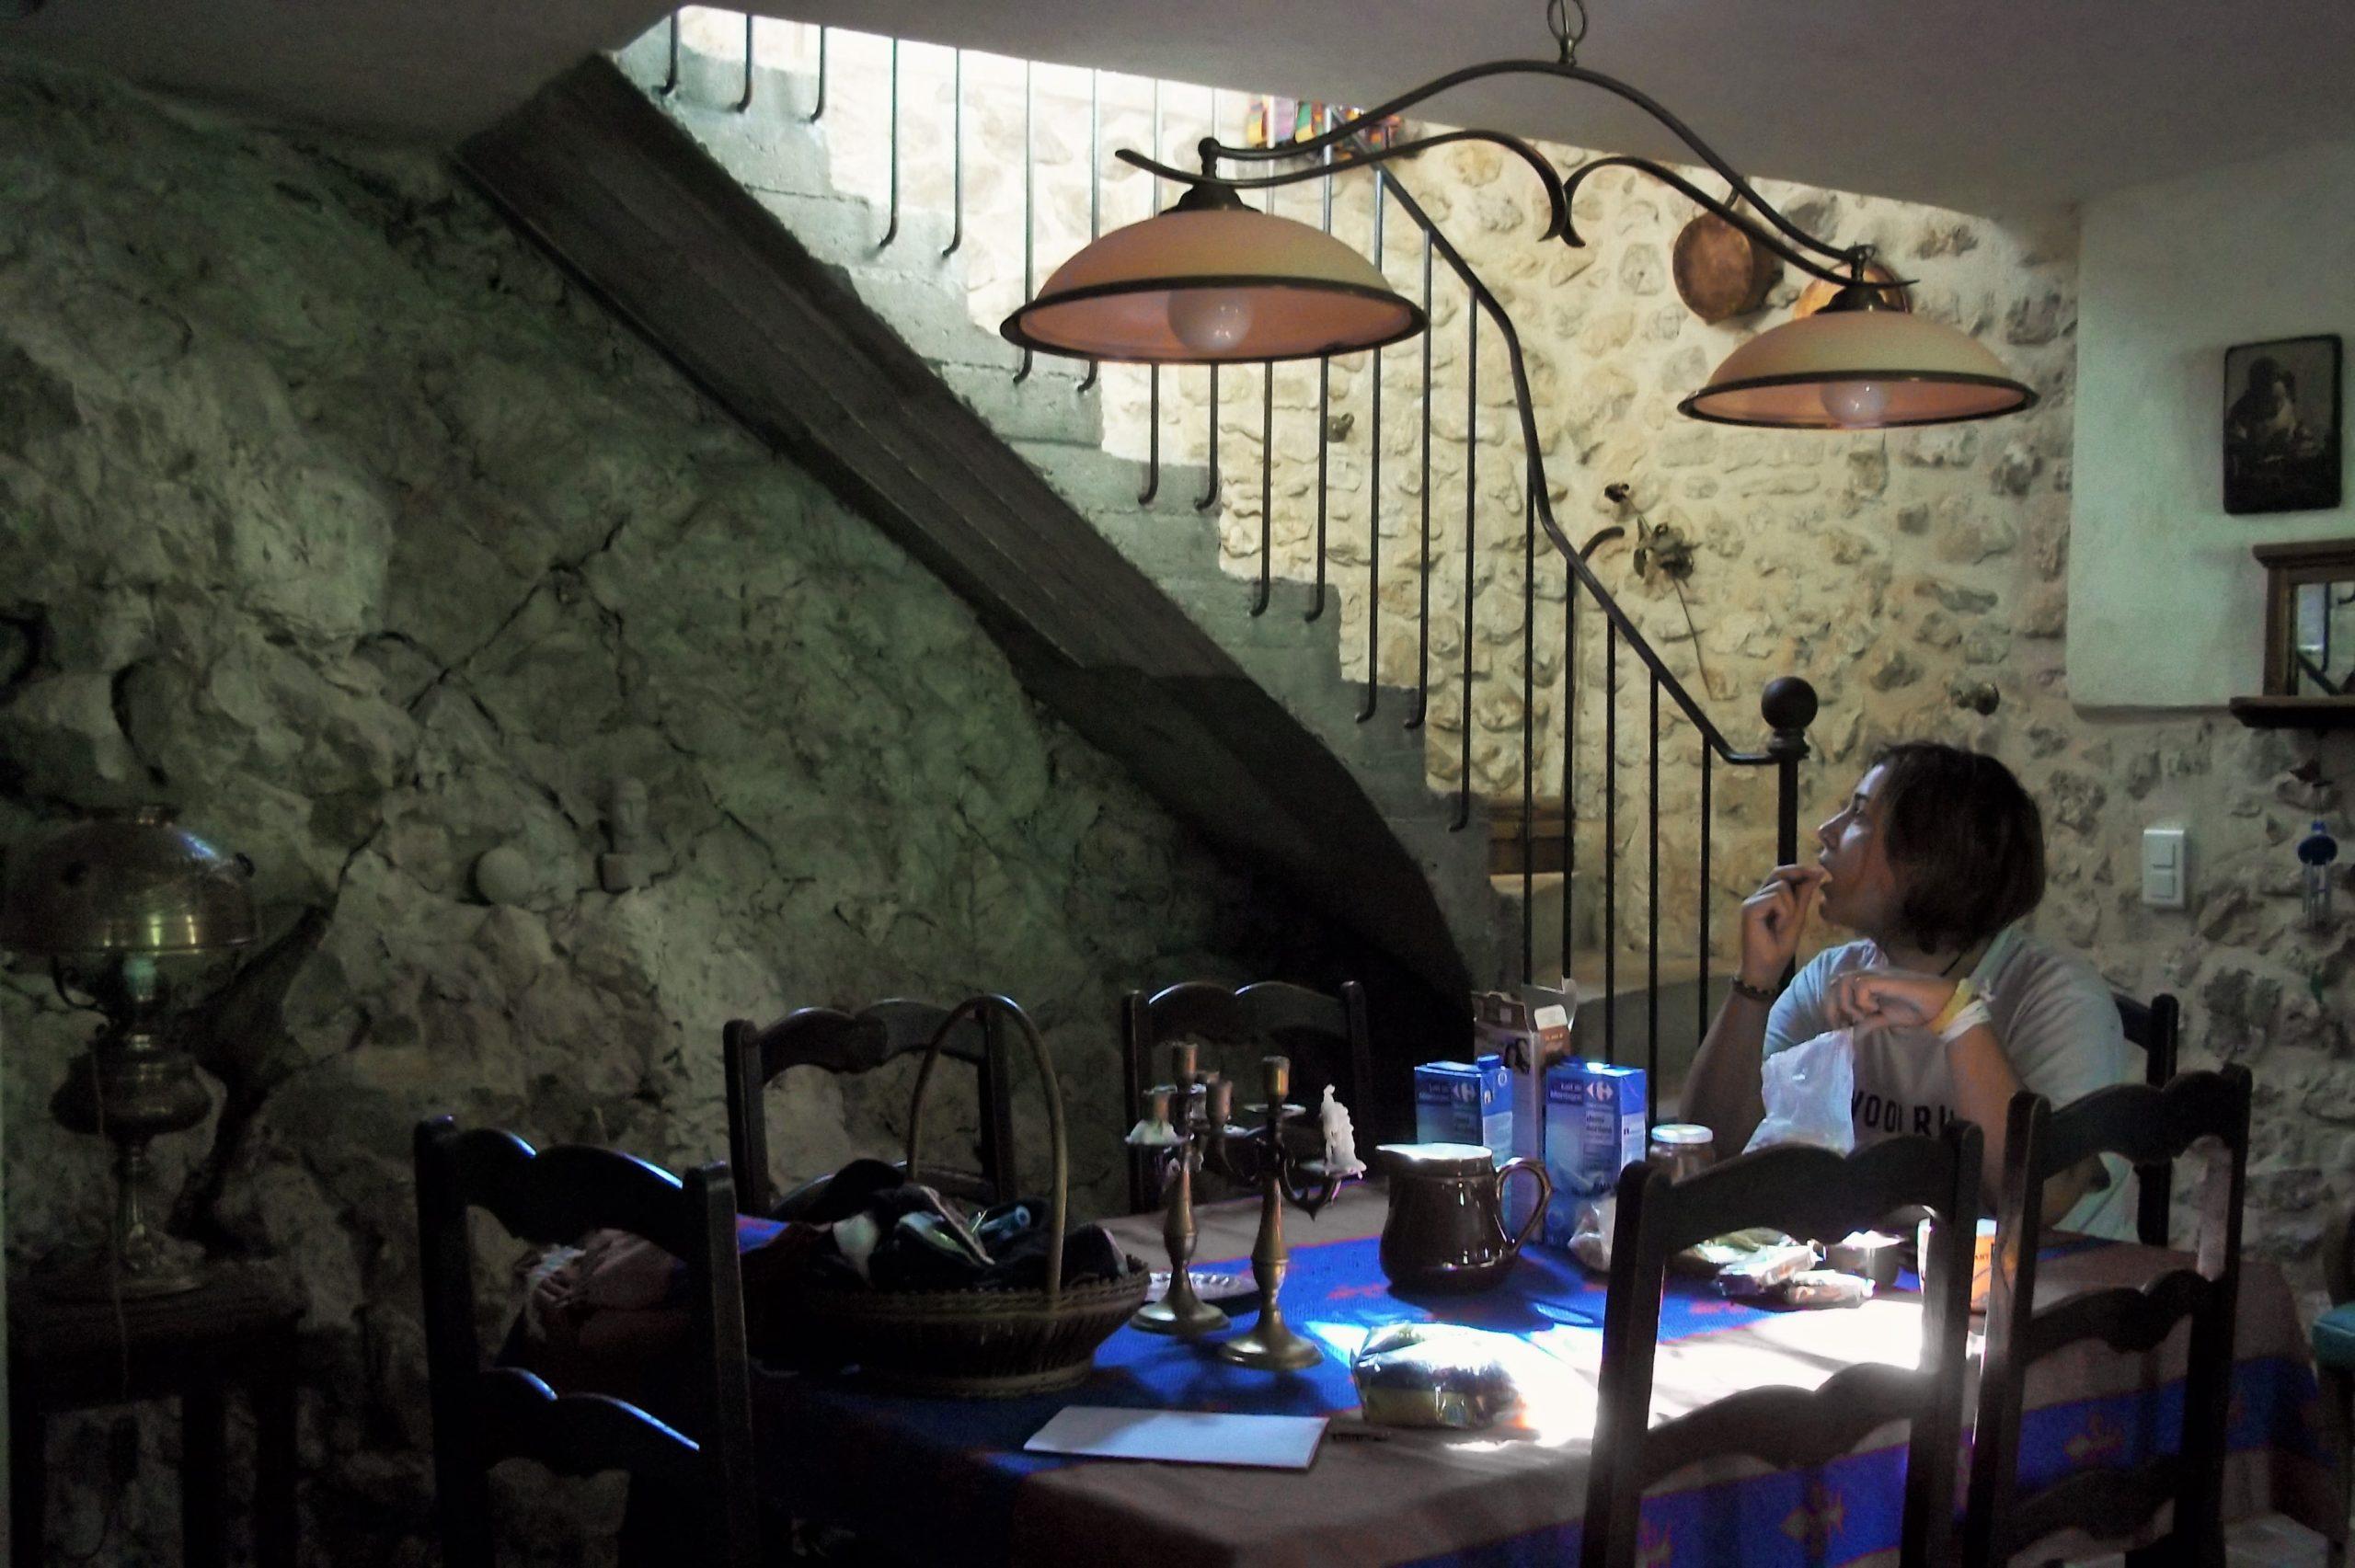 La Casa Nella Roccia.La Casa Nella Roccia Viaggiare Con Lentezza